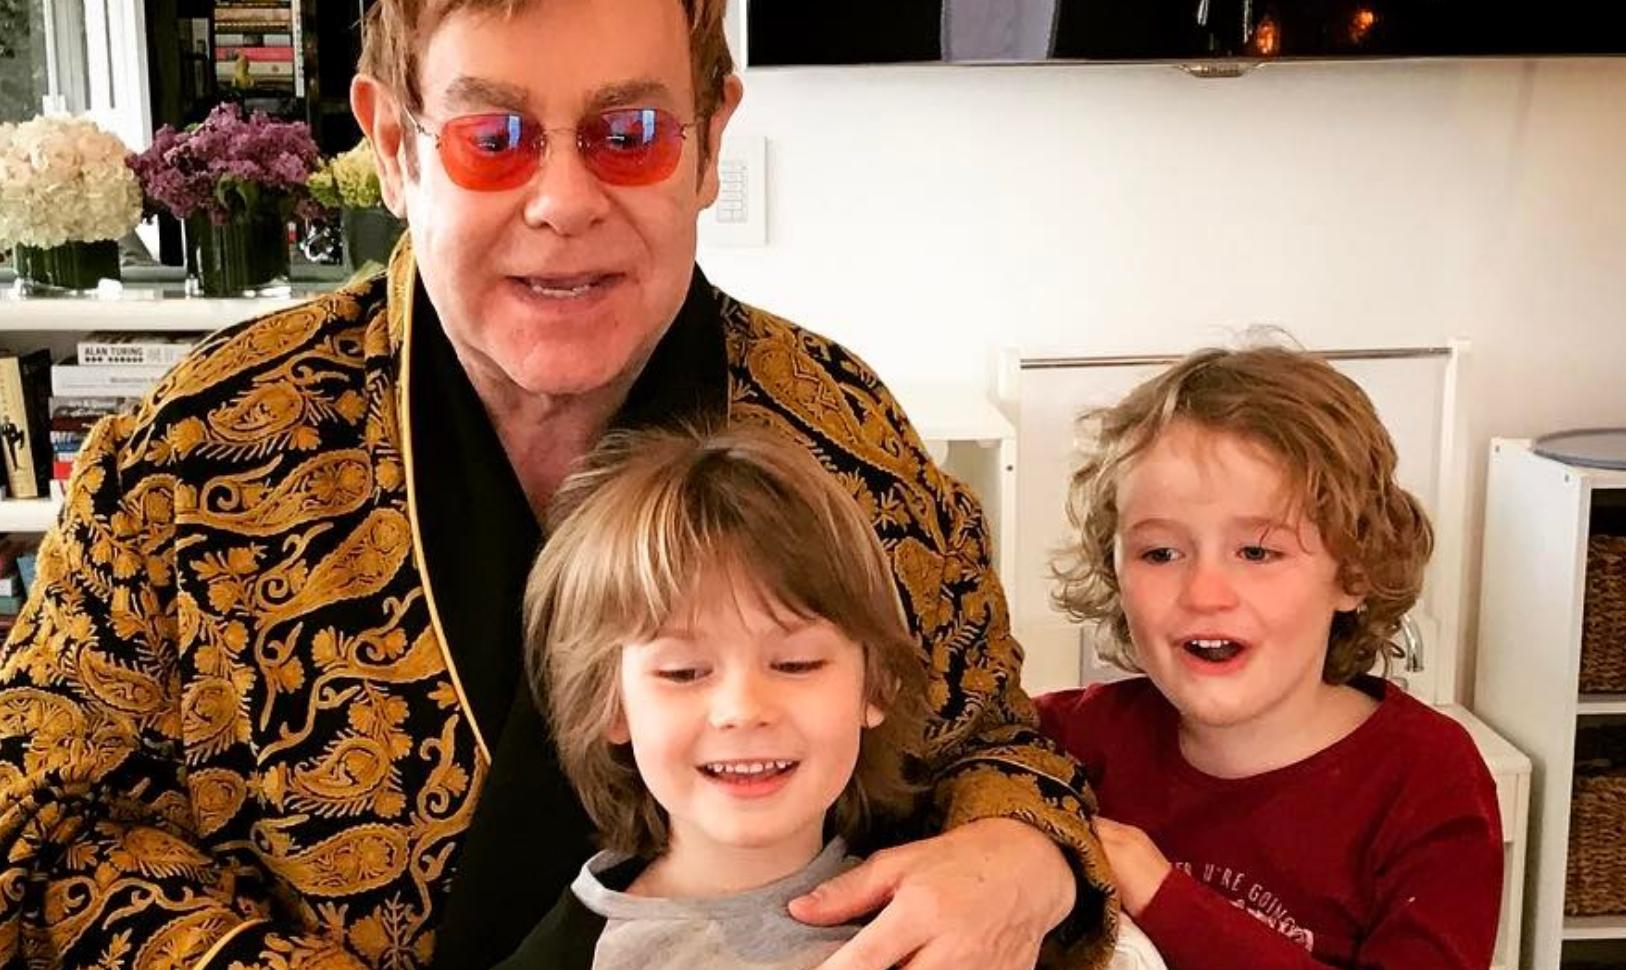 Elton John, 70 anni in famiglia con figli e marito - foto - Spetteguless 4219dfe52f